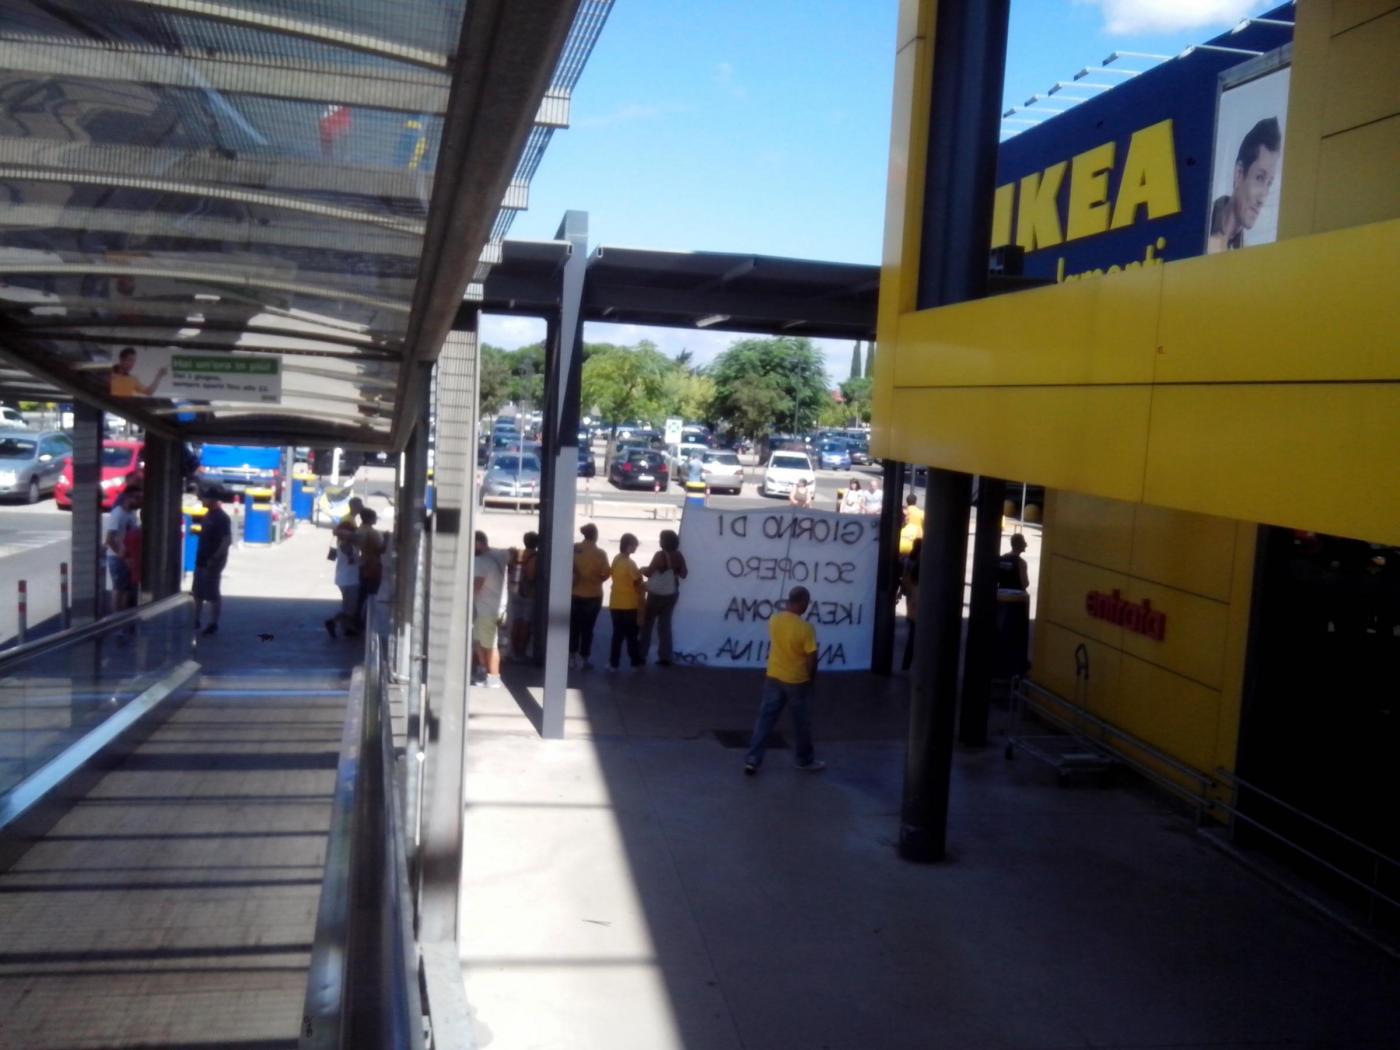 Sabato 19 dicembre scioperano i lavoratori di ikea - Ikea porta di roma telefono ...